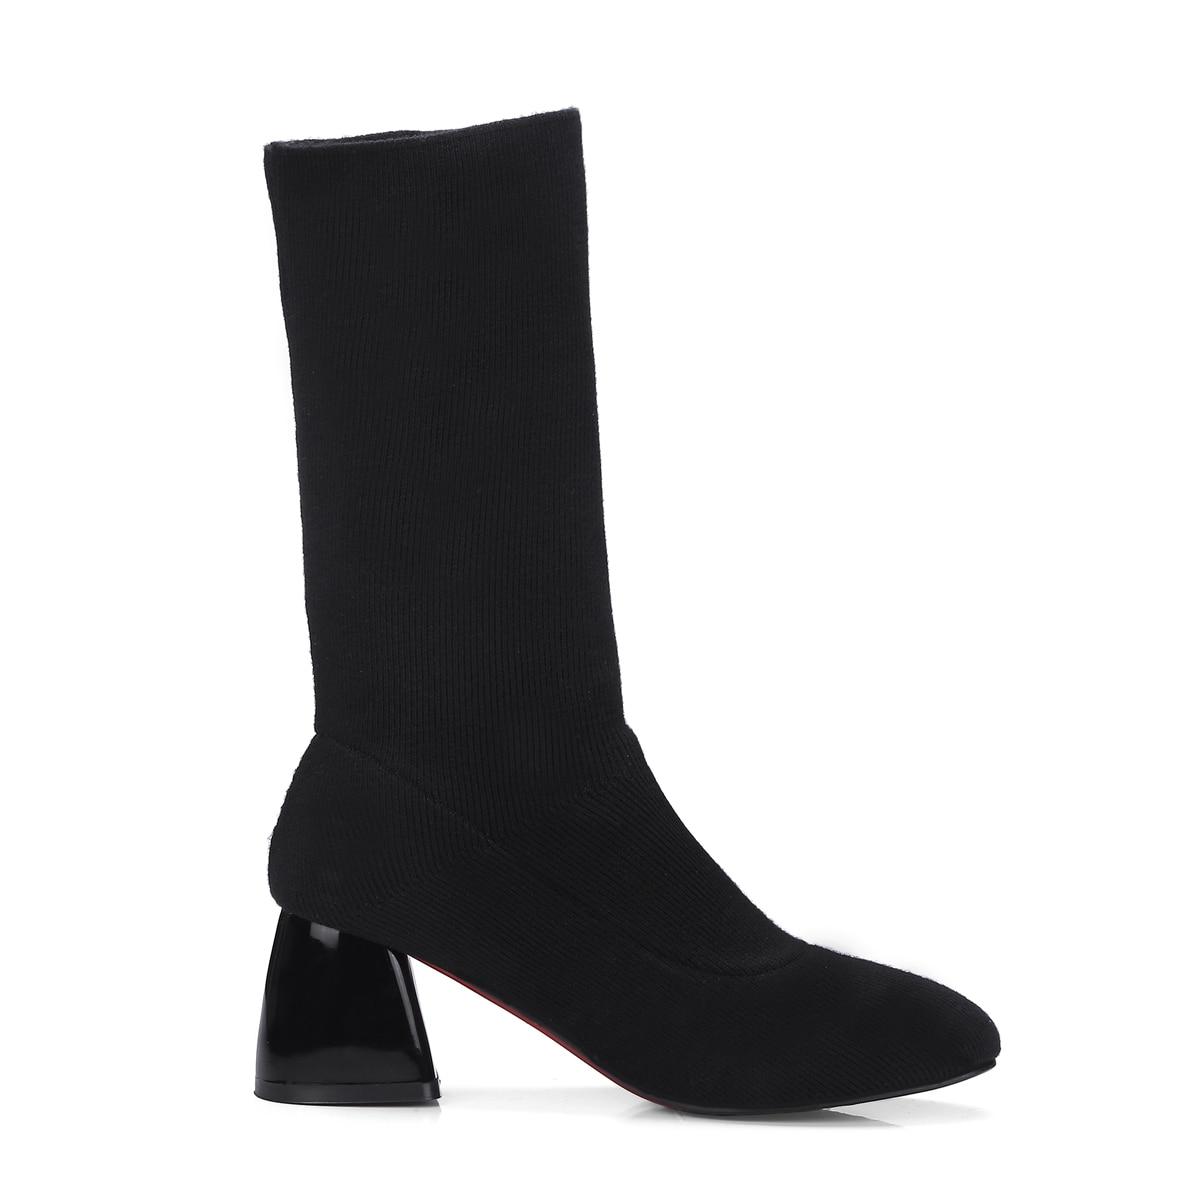 Noir Hiver Chaussures Cheville Femme Femmes Bottes Épais 2018 Beige Beige Courtes Bottine Chaussettes Talons Nouveau Rond noir Tricot Bout Automne Mode À nTqOxCZ